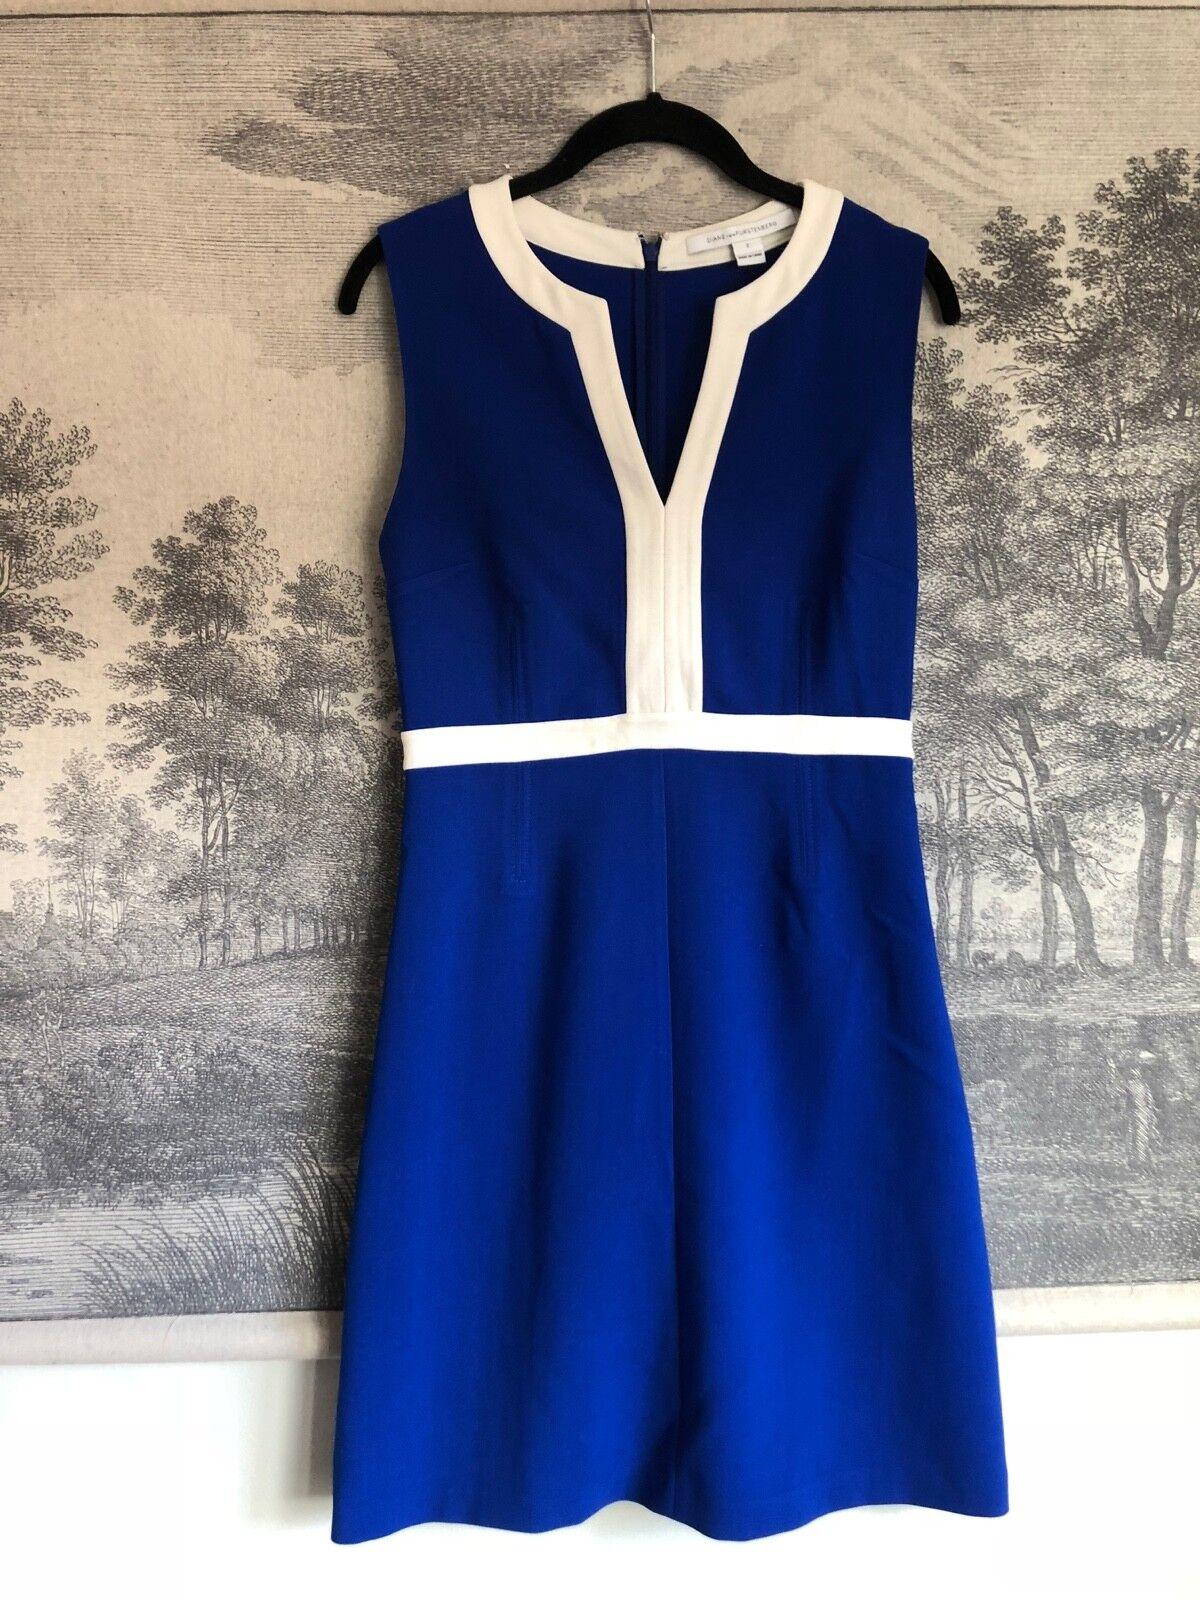 Diane Von Furstenberg Azul blancoo Retro Vestido sin  mangas Shift Talla 2  precios al por mayor